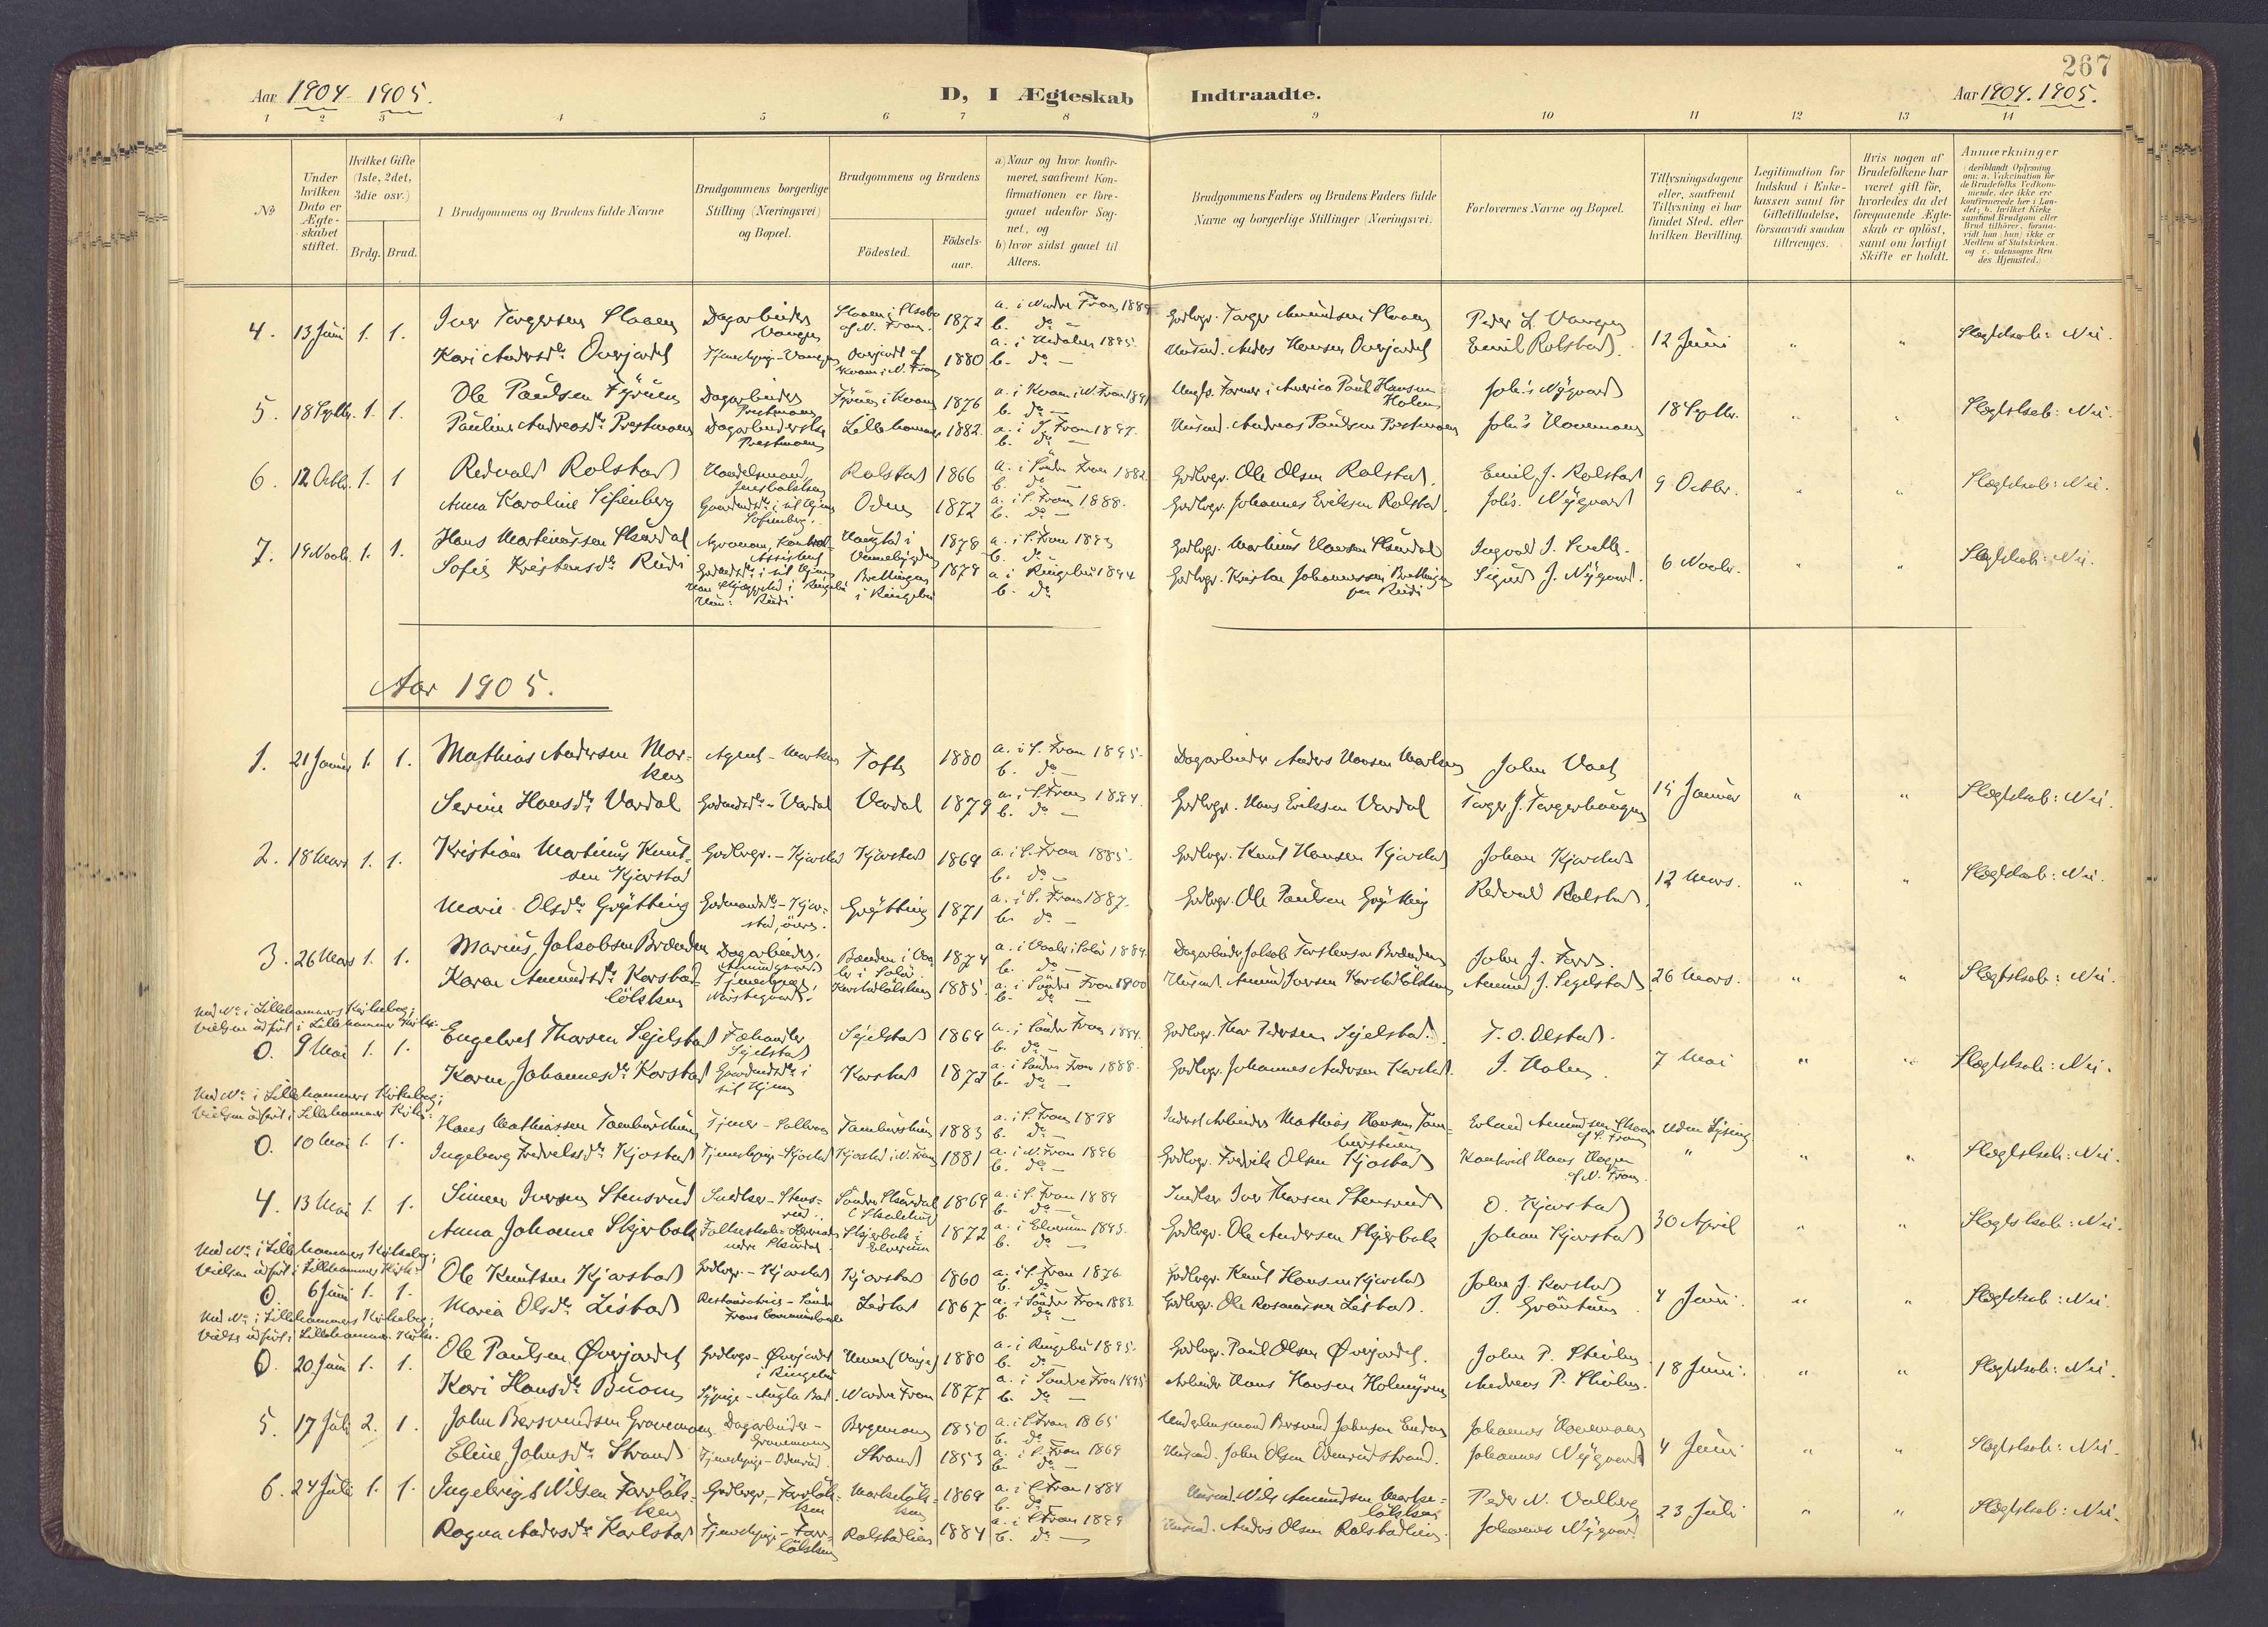 SAH, Sør-Fron prestekontor, H/Ha/Haa/L0004: Ministerialbok nr. 4, 1898-1919, s. 267